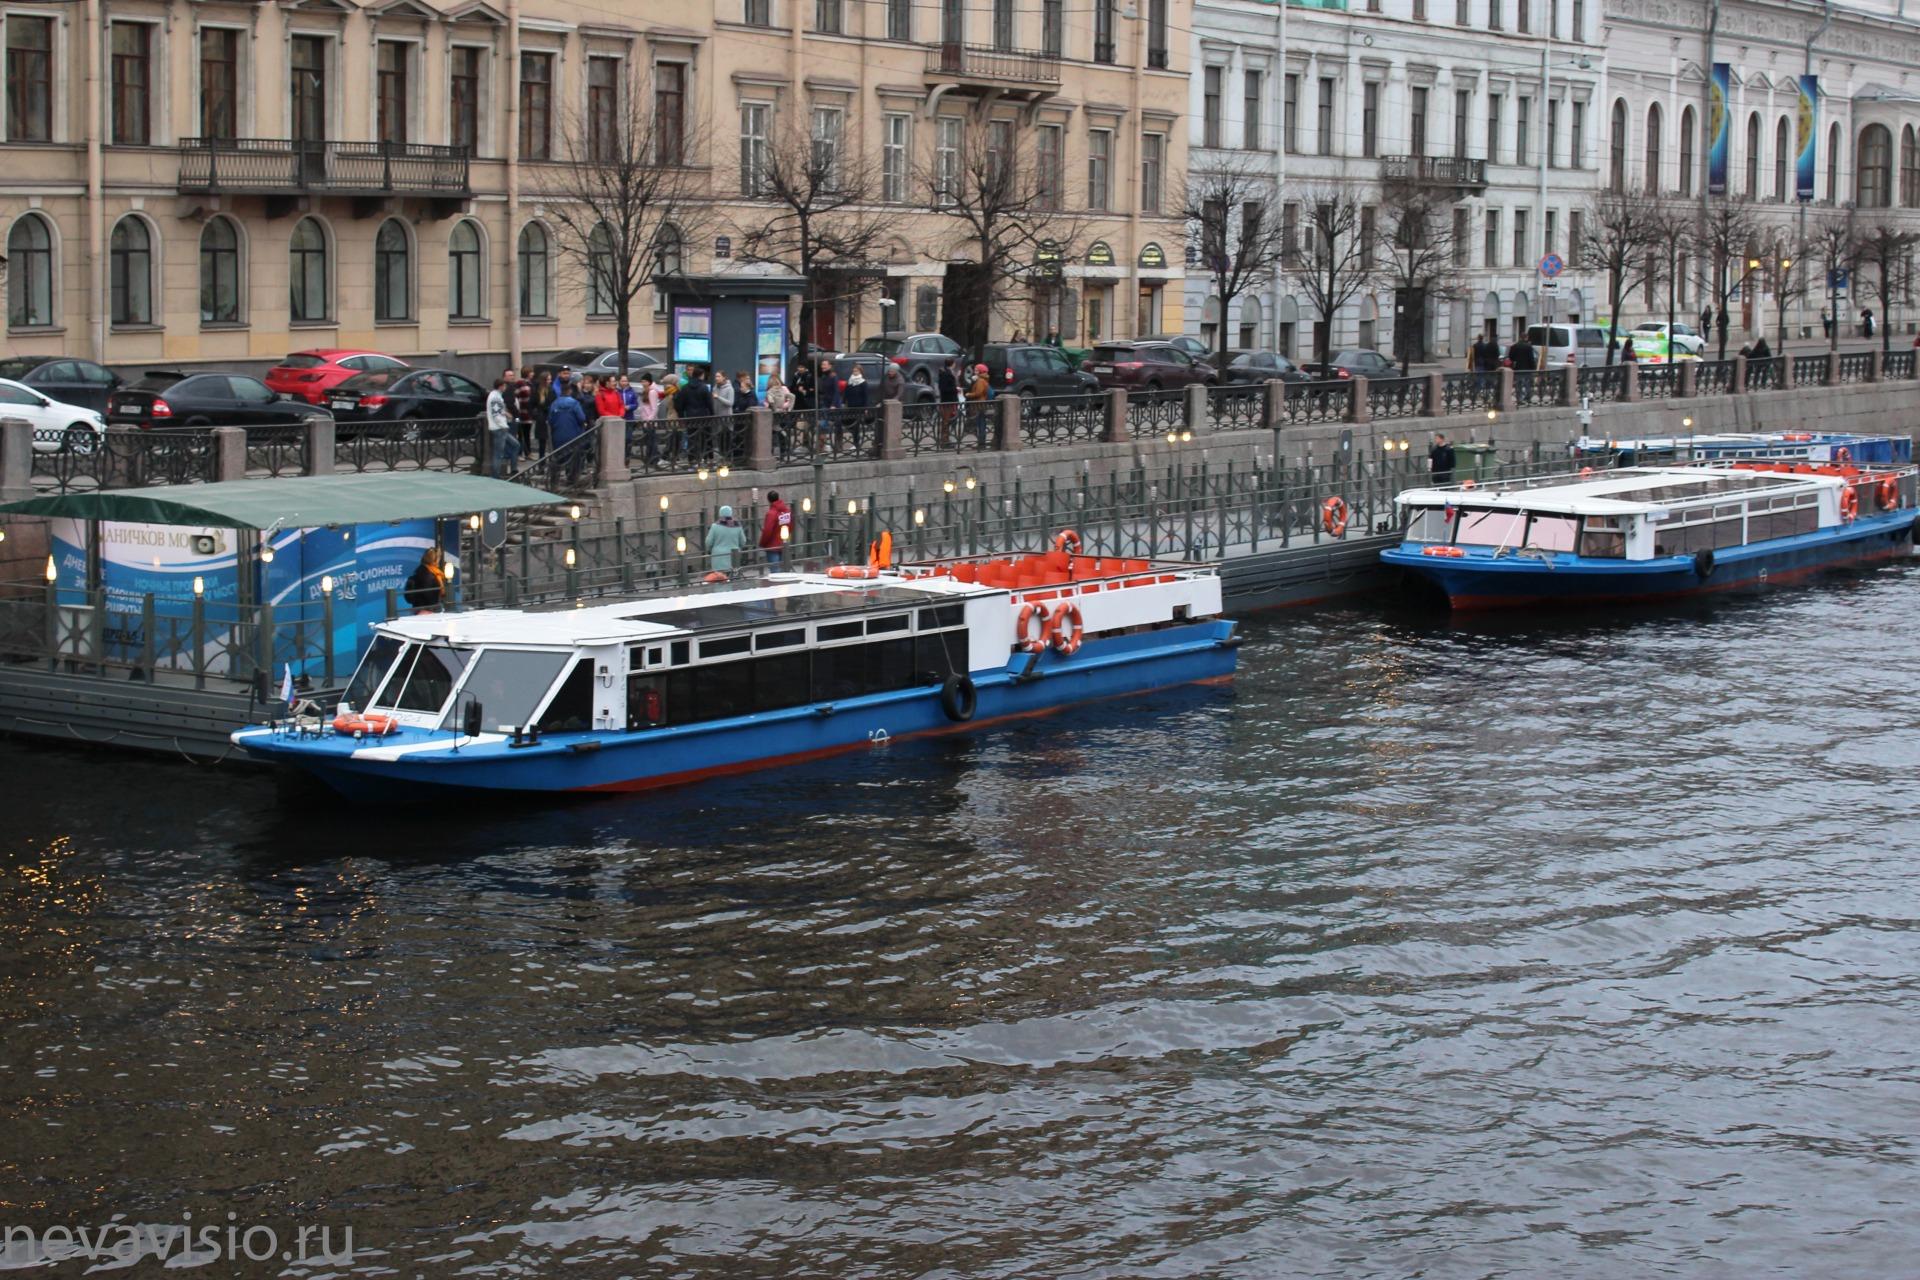 Водные экскурсии в Санкт-Петербурге, водные экскурсии по рекам и каналам, водные экскурсии по Неве, водные прогулки на развод мостов, Северные острова дельты Невы, с выходом в Финский залив, http://vodnye-ekskursii.ru/; +7 (921) 578-42-10